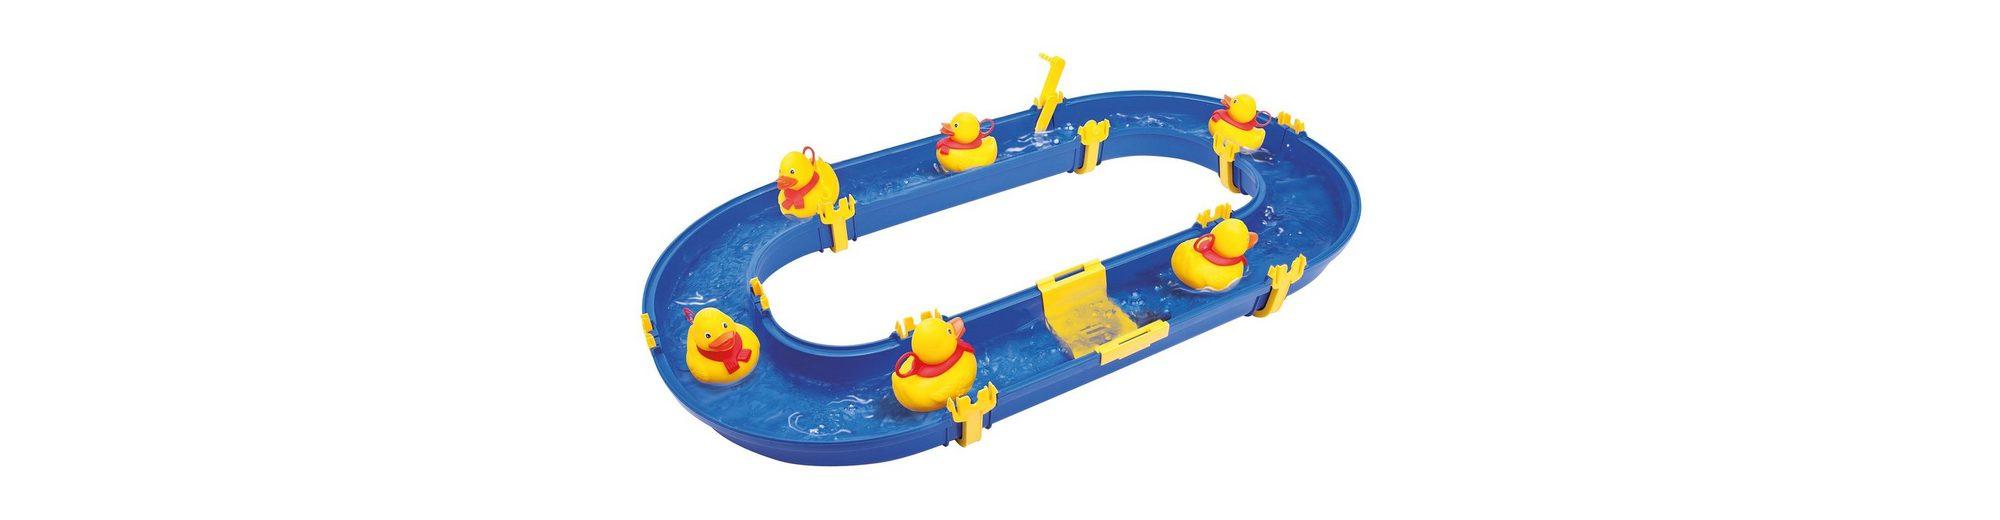 Wasserbahn mit Funktion, »Waterplay - Entenangeln«, BIG (31tlg.)